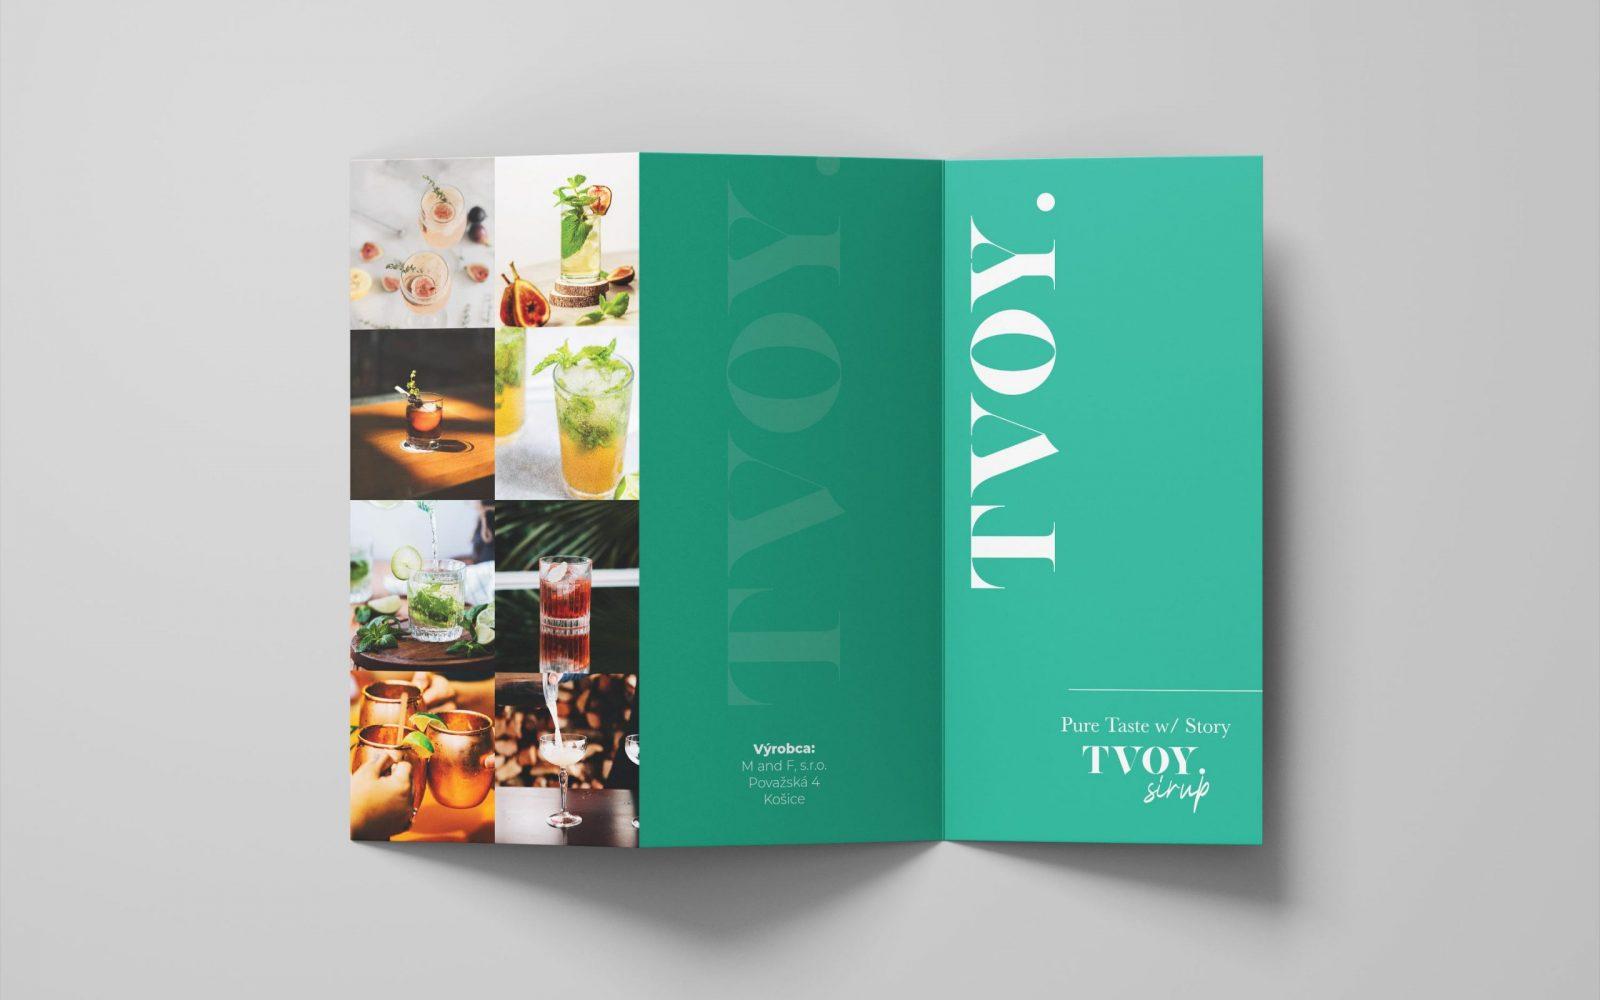 tvoy-mockup-2-scaled